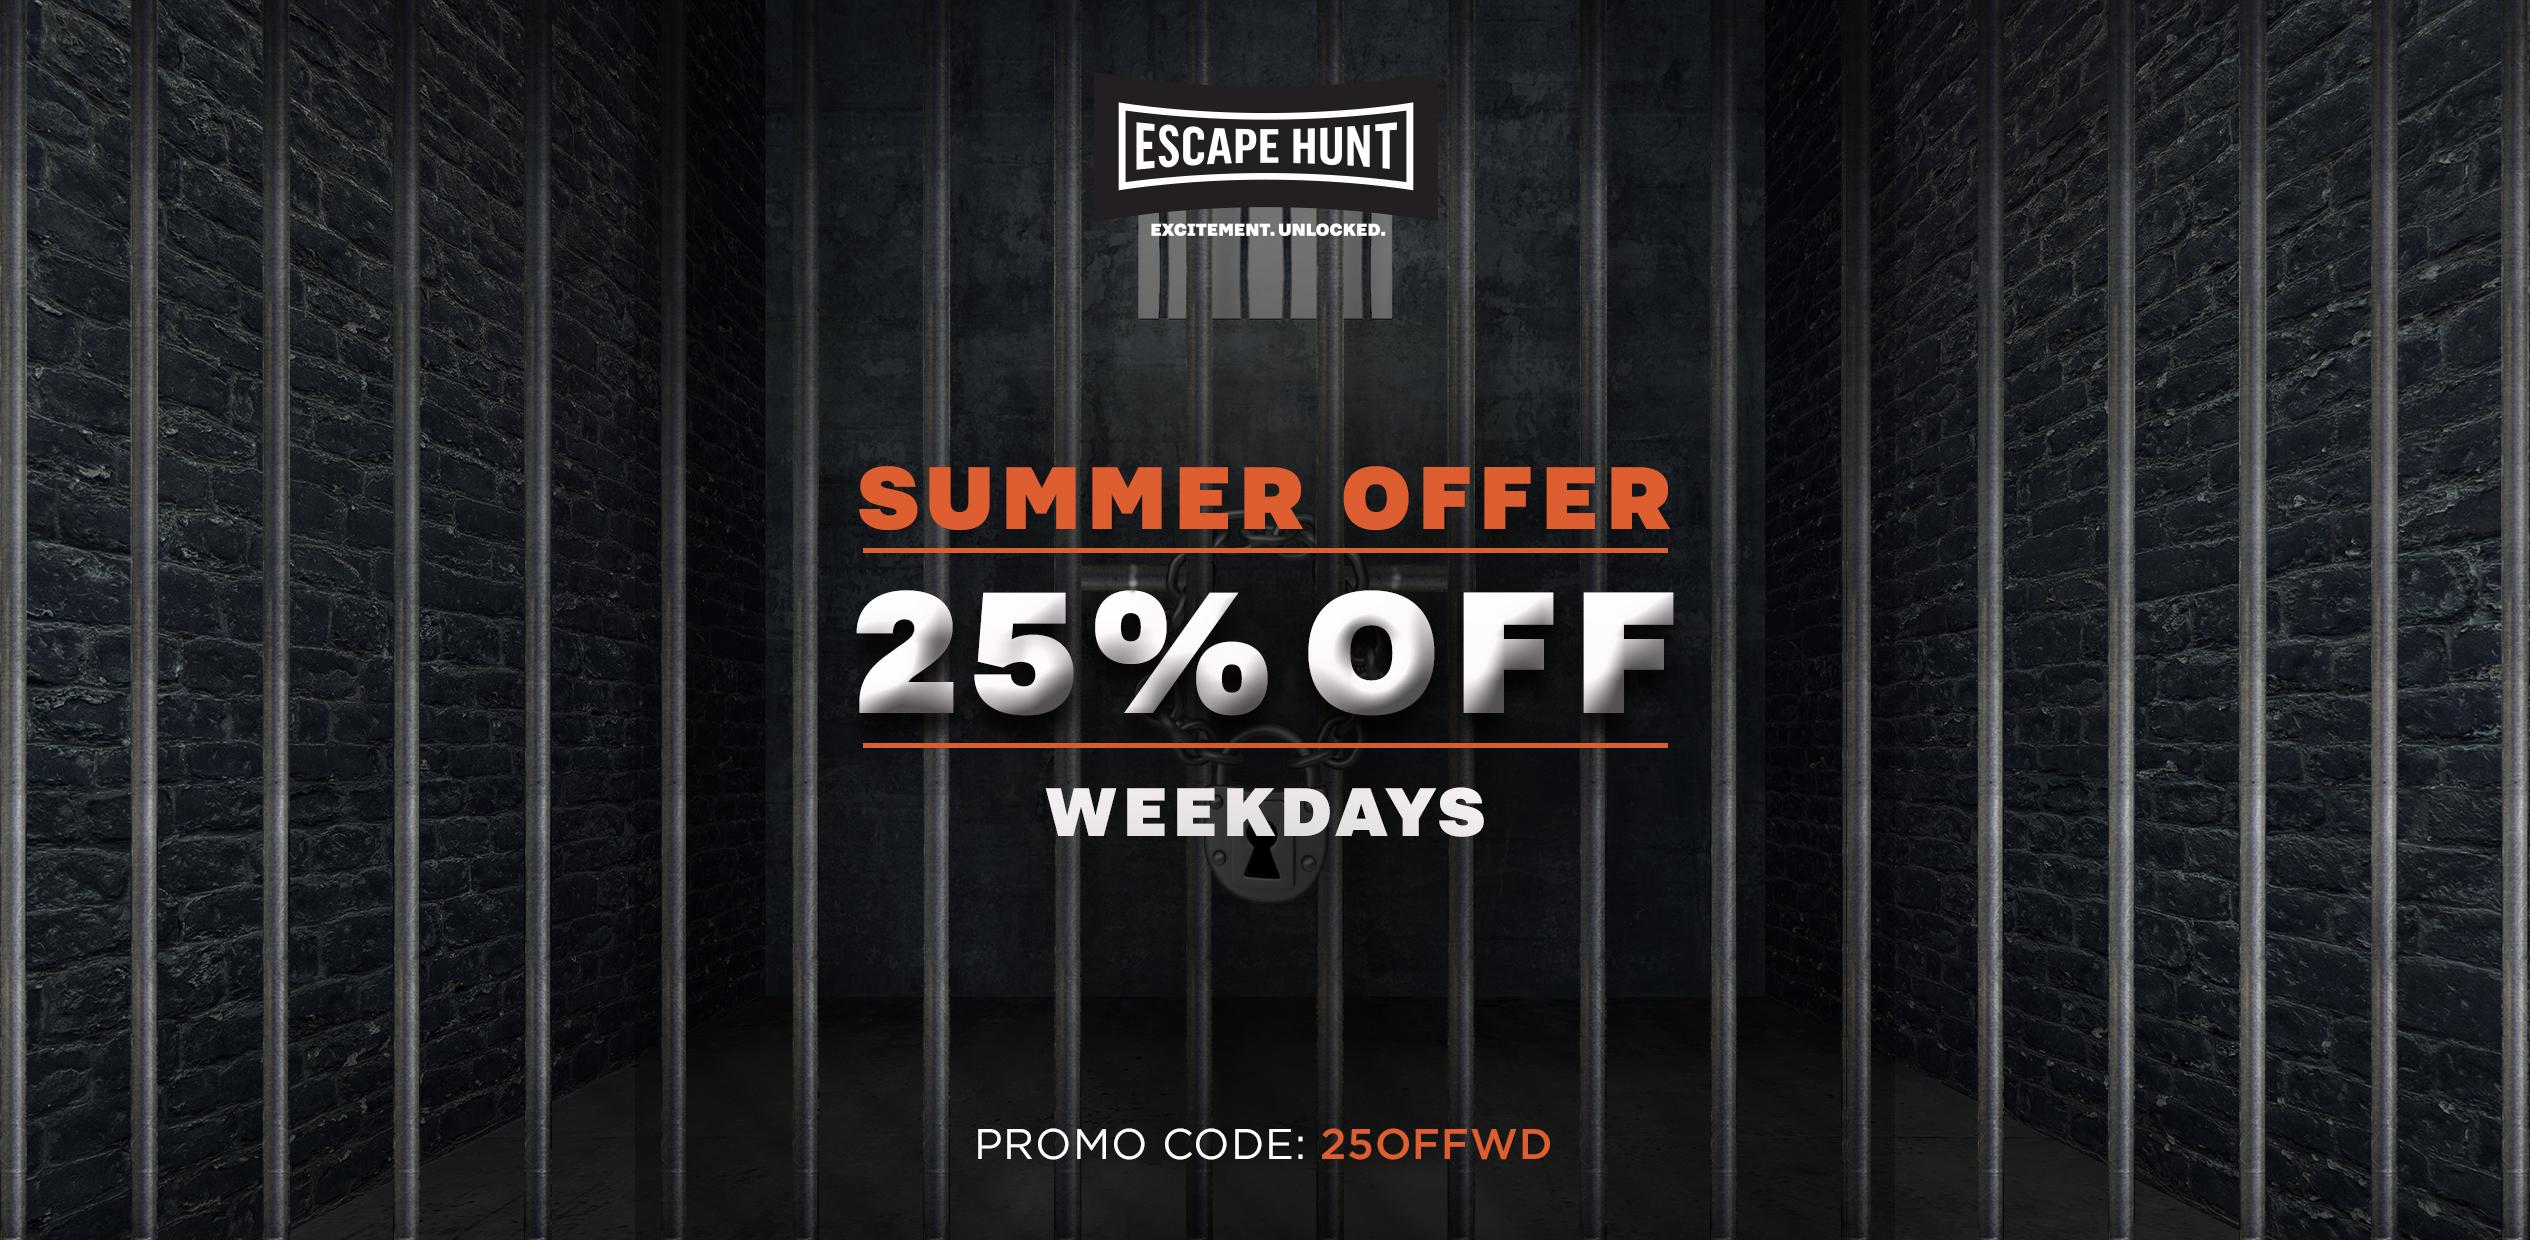 25% OFF WEEKDAY BOOKINGS